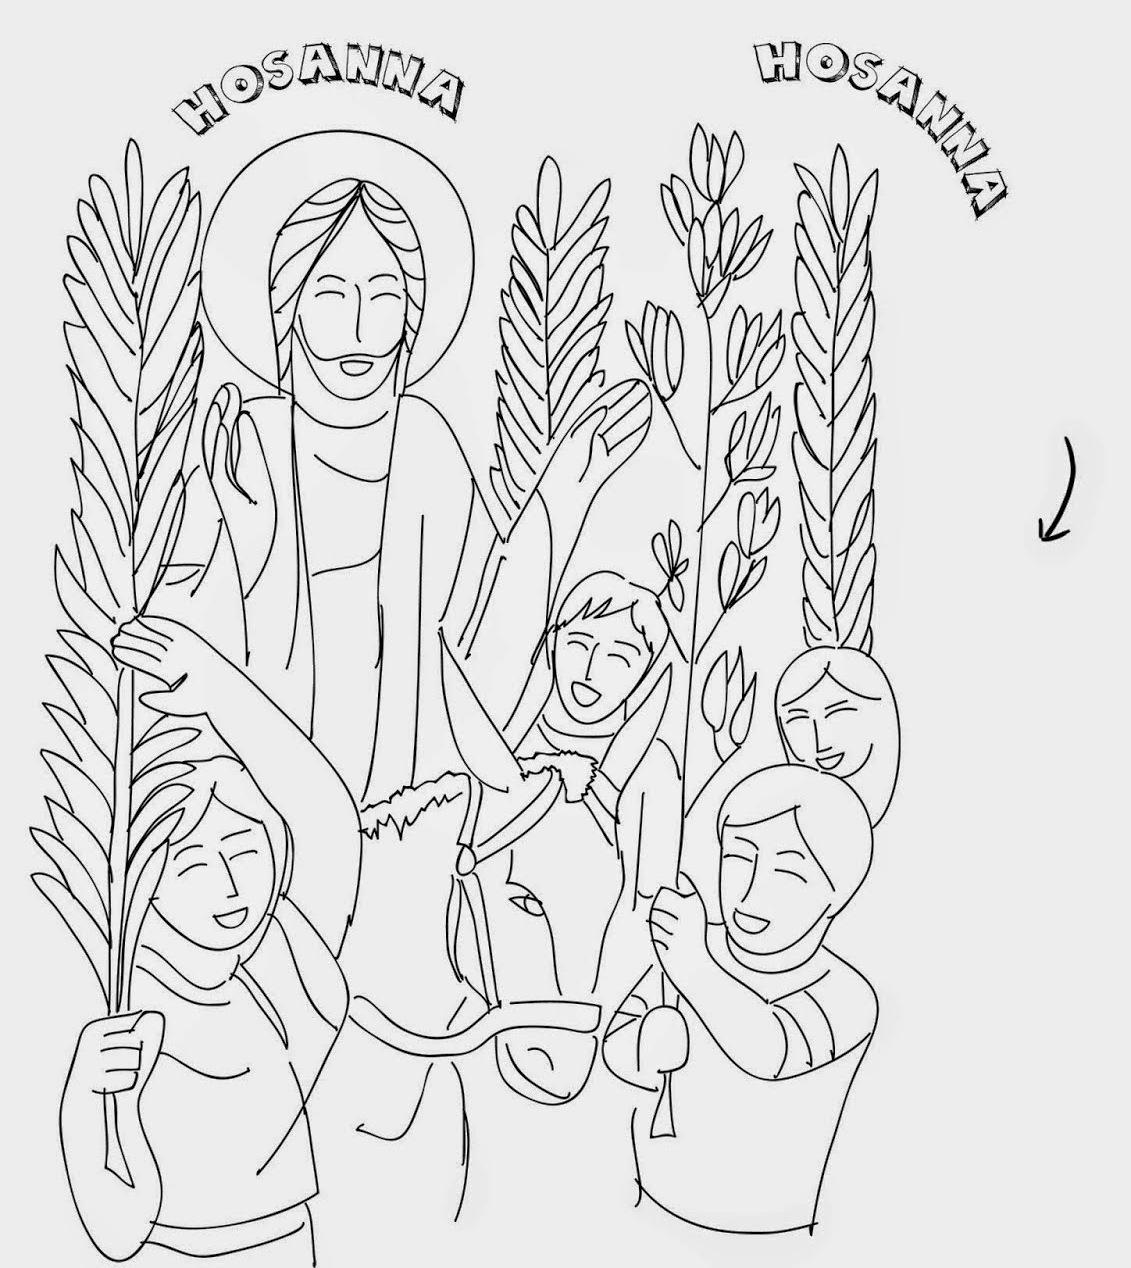 Palm Sunday Triumphal Entry Into Jerusalem